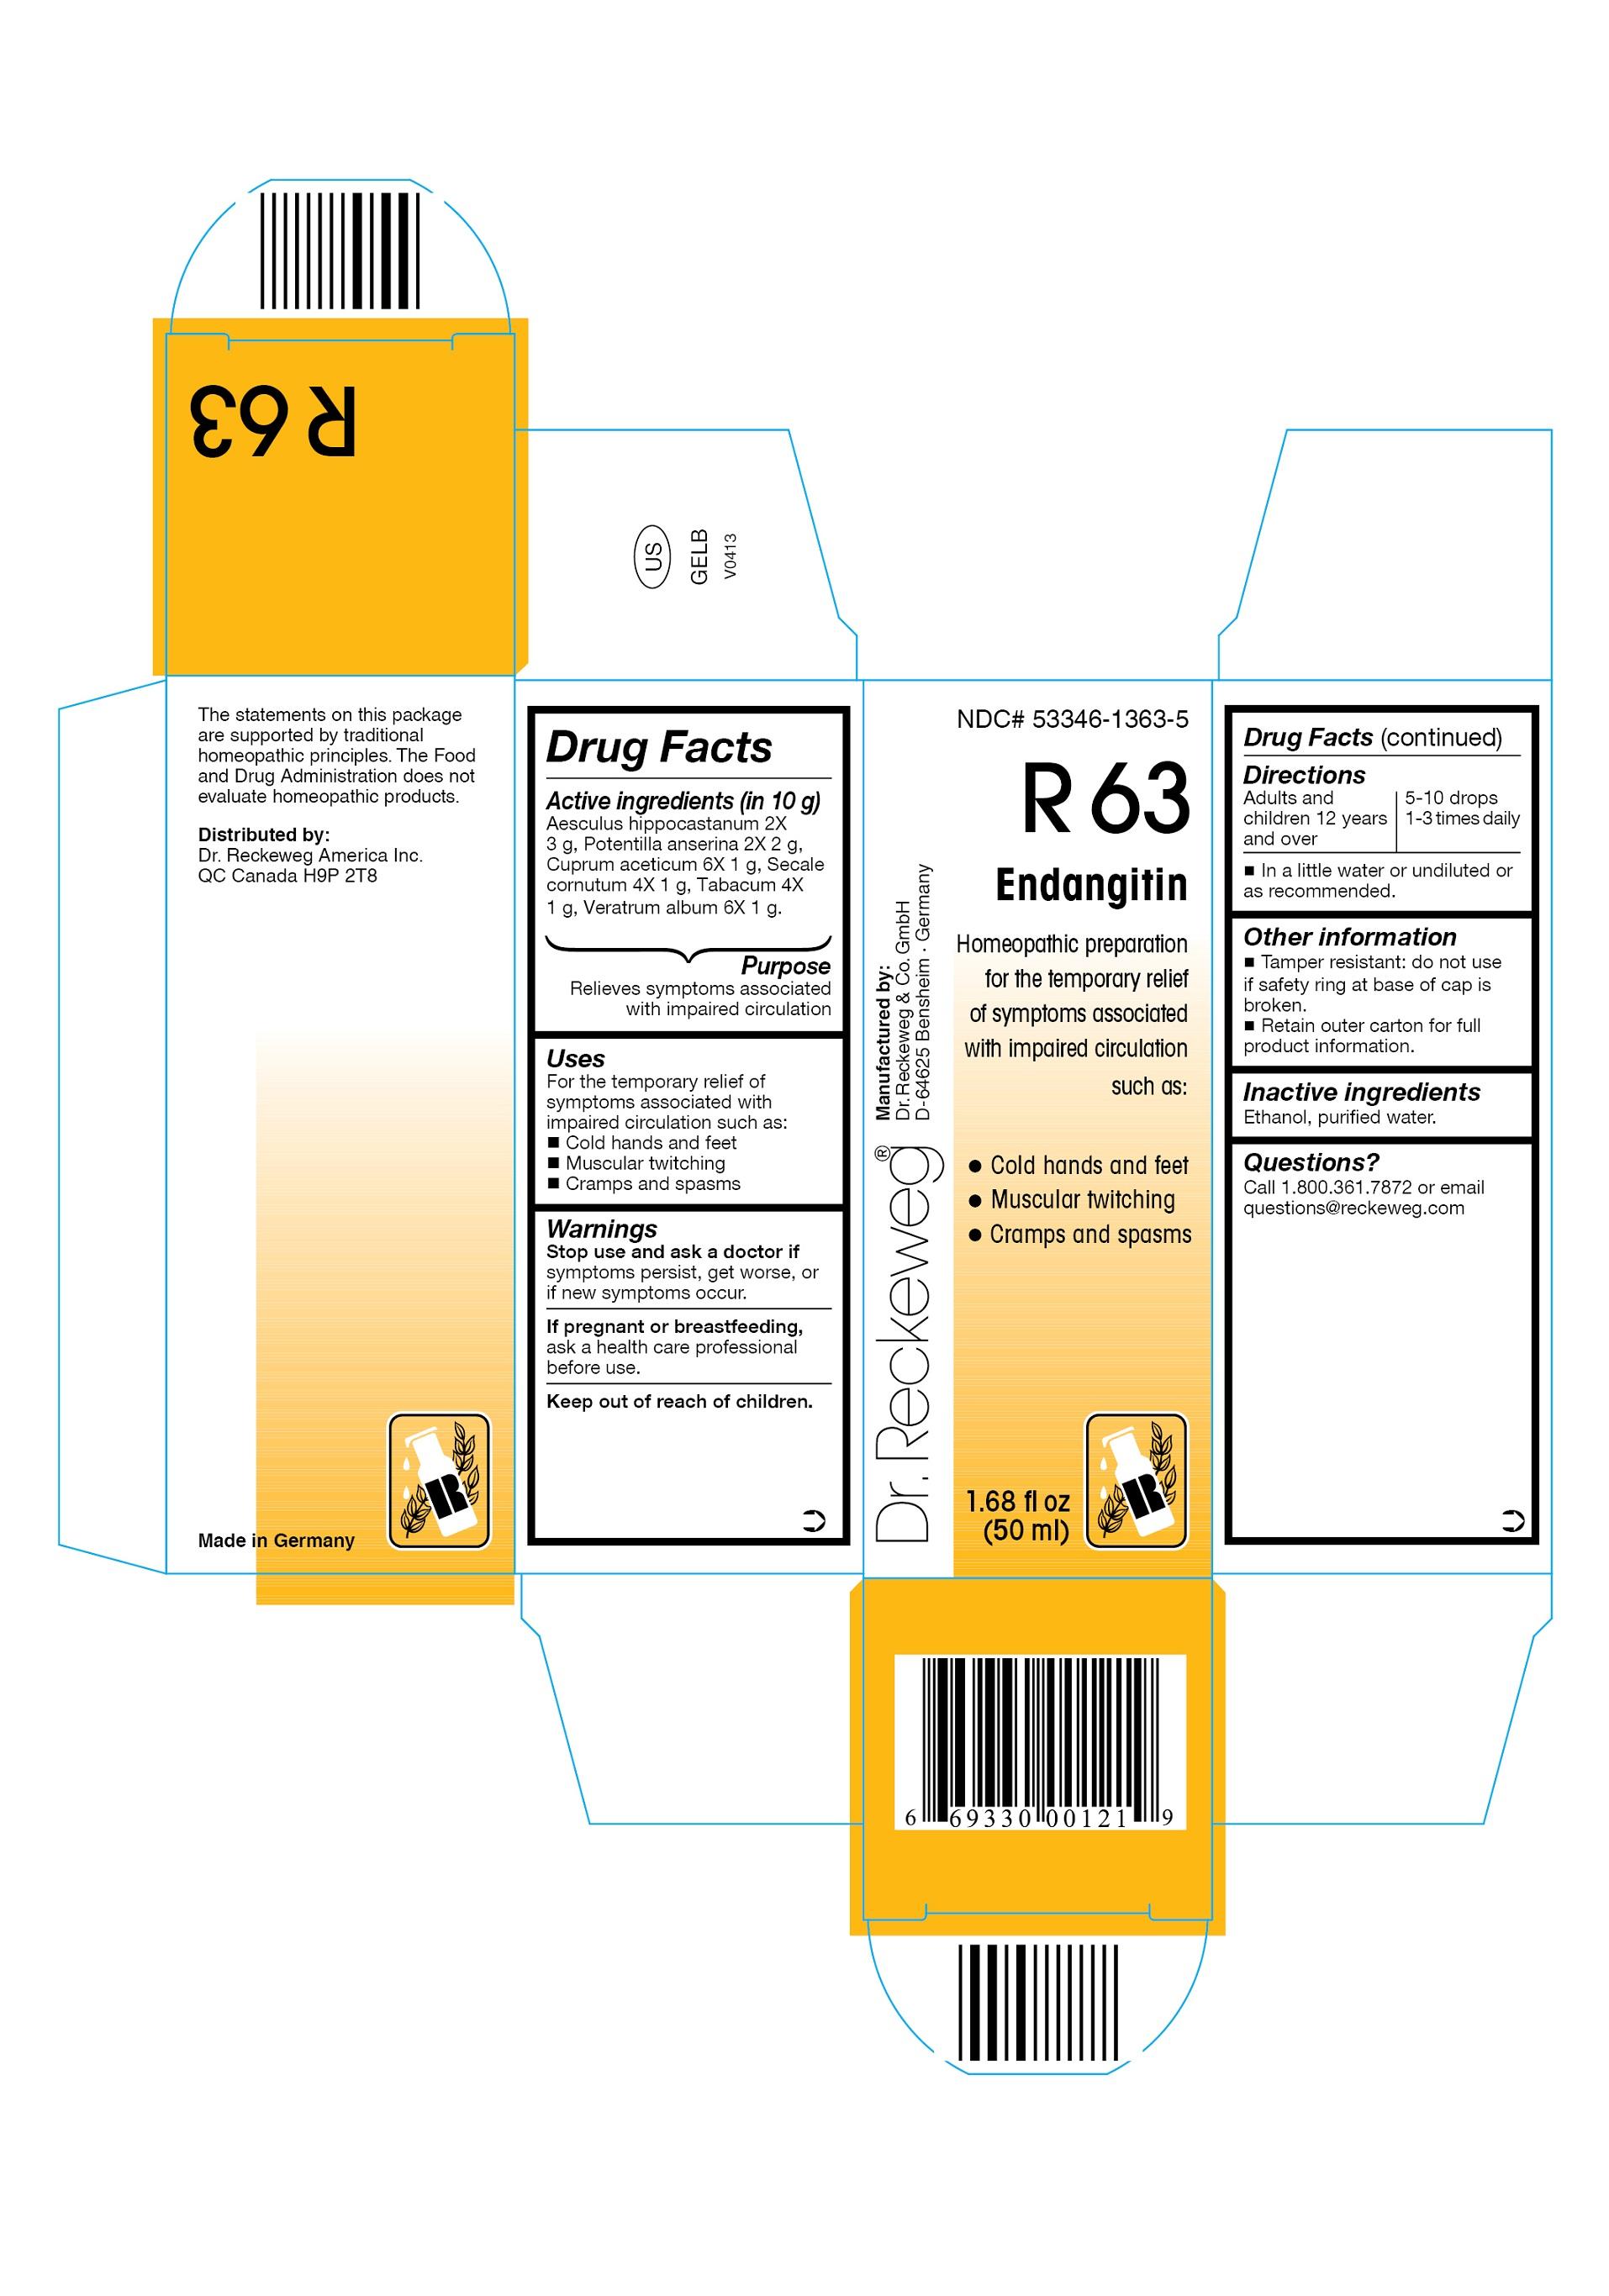 Dr. Reckeweg R63 Endangitin Combination Product (Aesculus Hippocastanum 2x, Potentilla Anserina 2x, Cuprum Aceticum 6x, Secale Cornutum 4x, Tabacum 4x, Veratrum Album 6x) Liquid [Pharmazeutische Fabrik Dr. Reckeweg & Co]